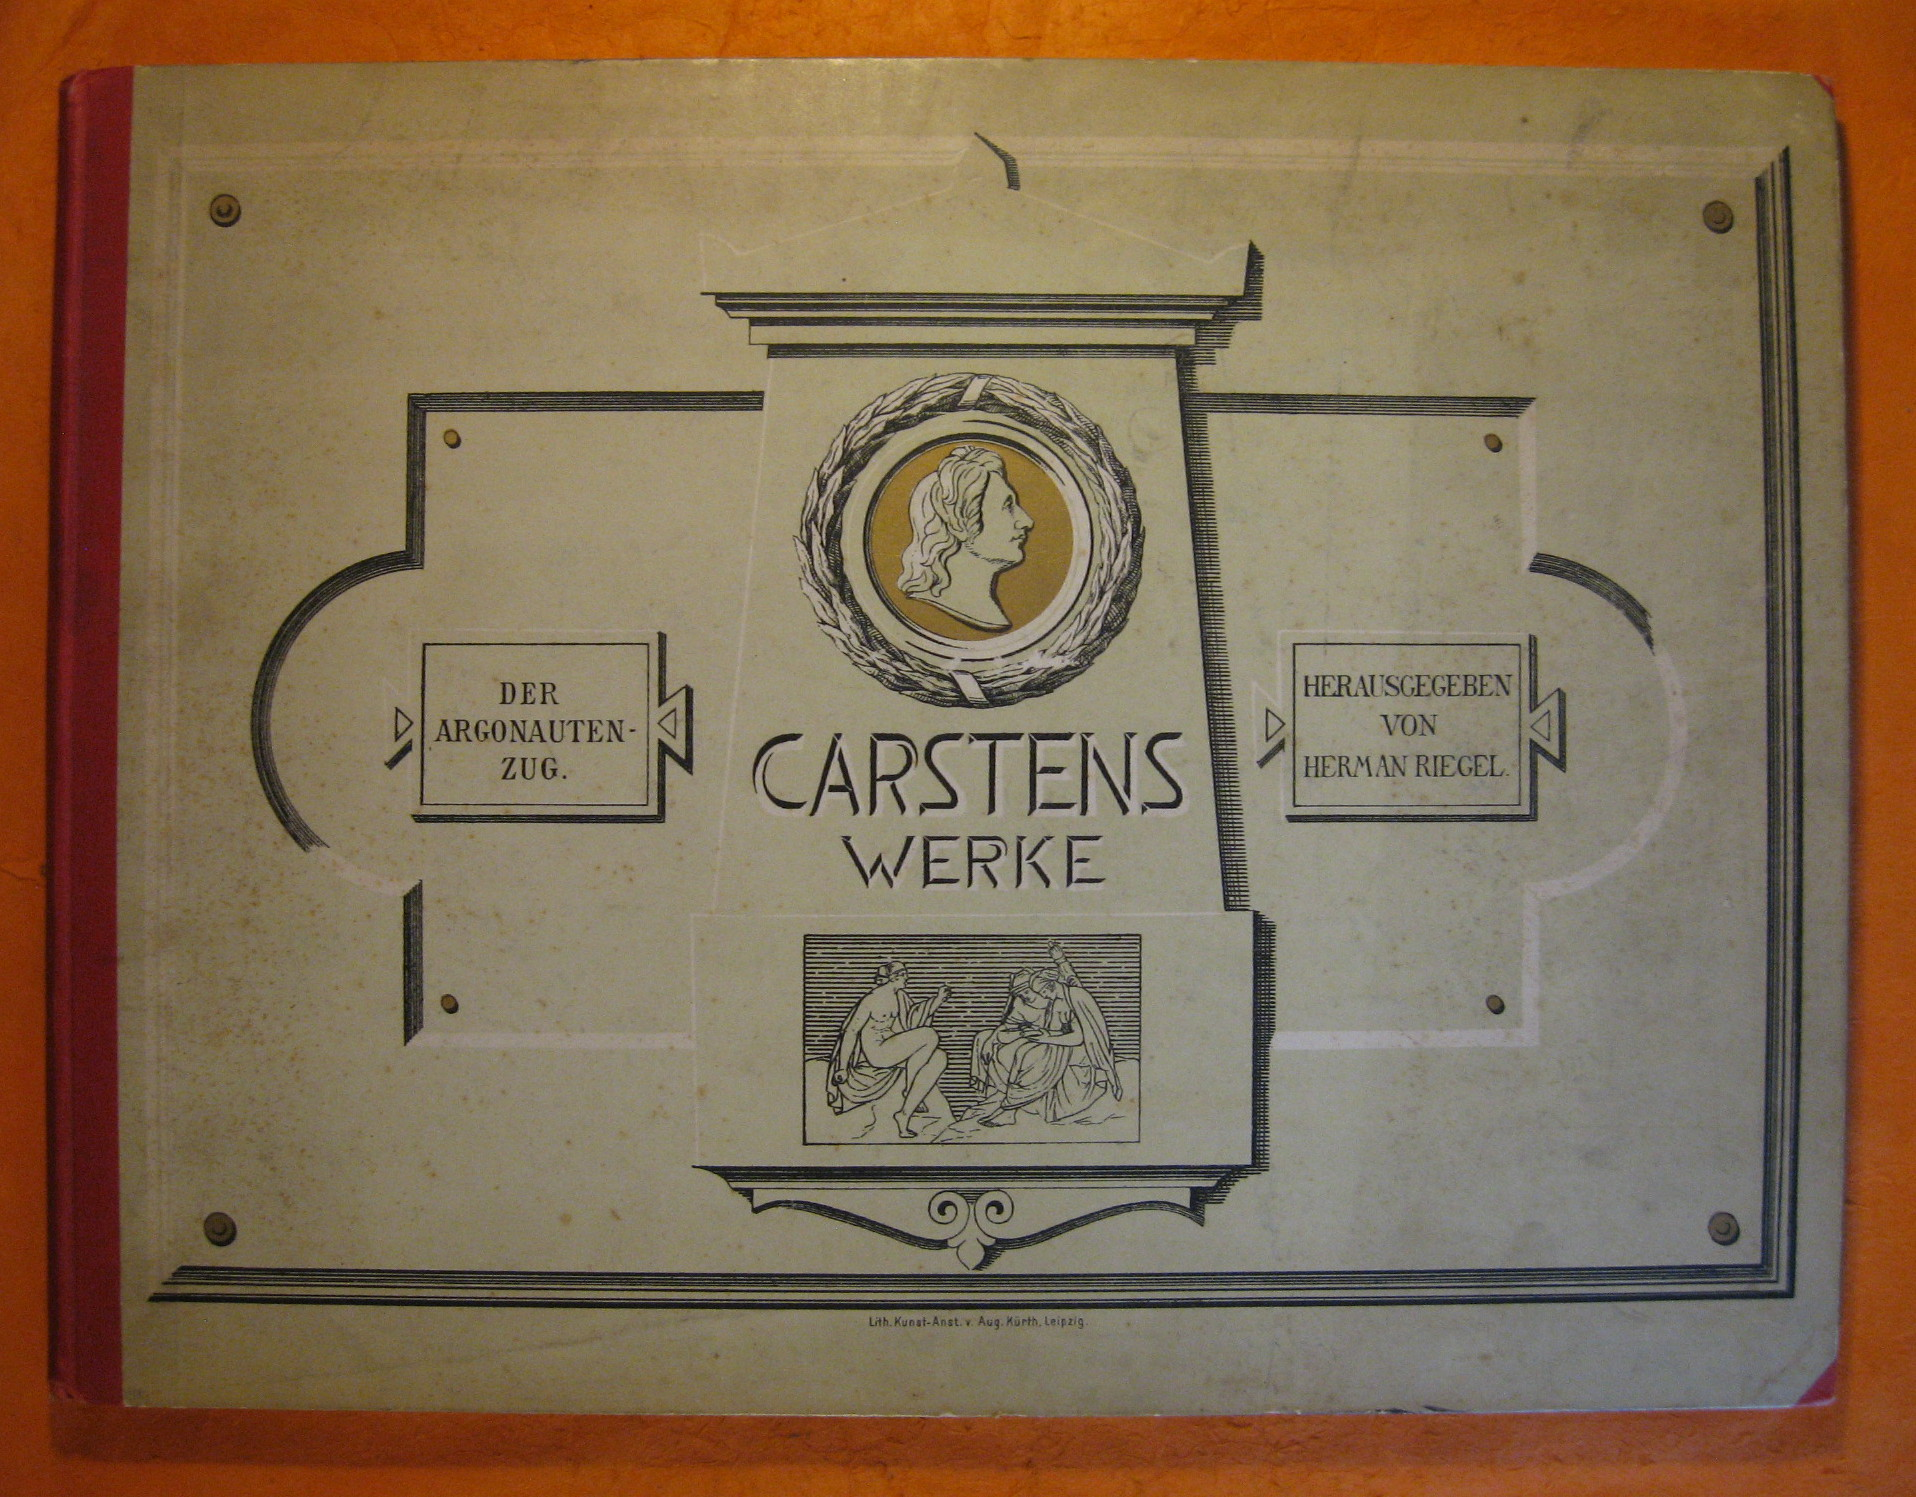 Carstens' Werke:  Dritter Band:  Der Argonautenzug, 11 Tafeln In Kupferdruck, 13 TAfeln in Lichtdruck Nebste Einem Bildniss Von Sartens, Gest. Von J.A. Koch